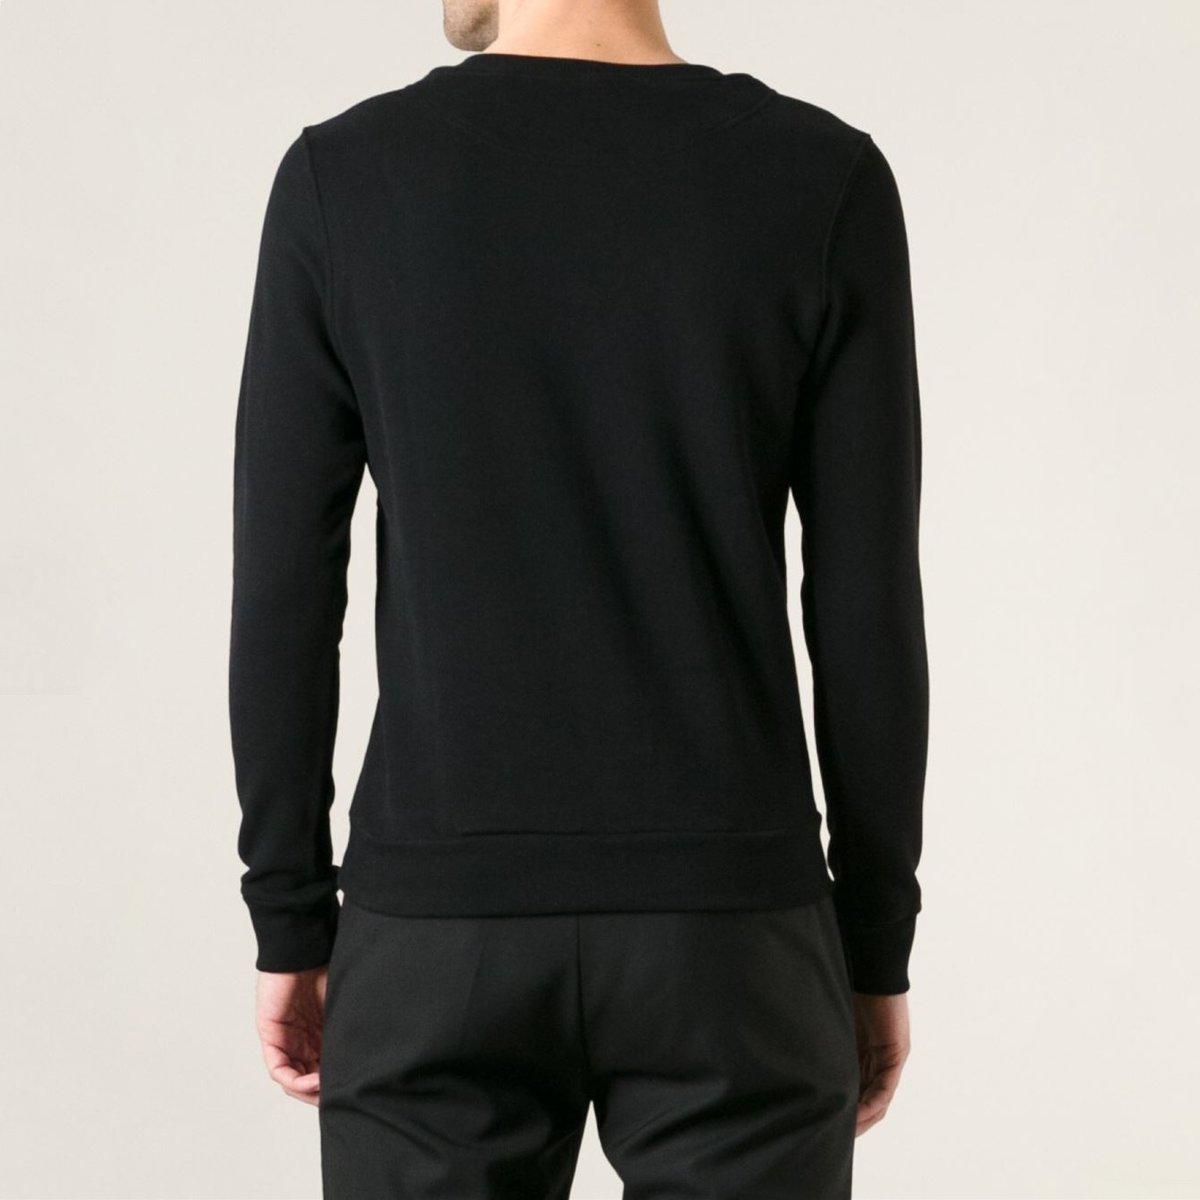 christian-pellizzari-black-multicolour-velvet-inserts-sweater-product-1-24745345-2-065160307-n...jpg